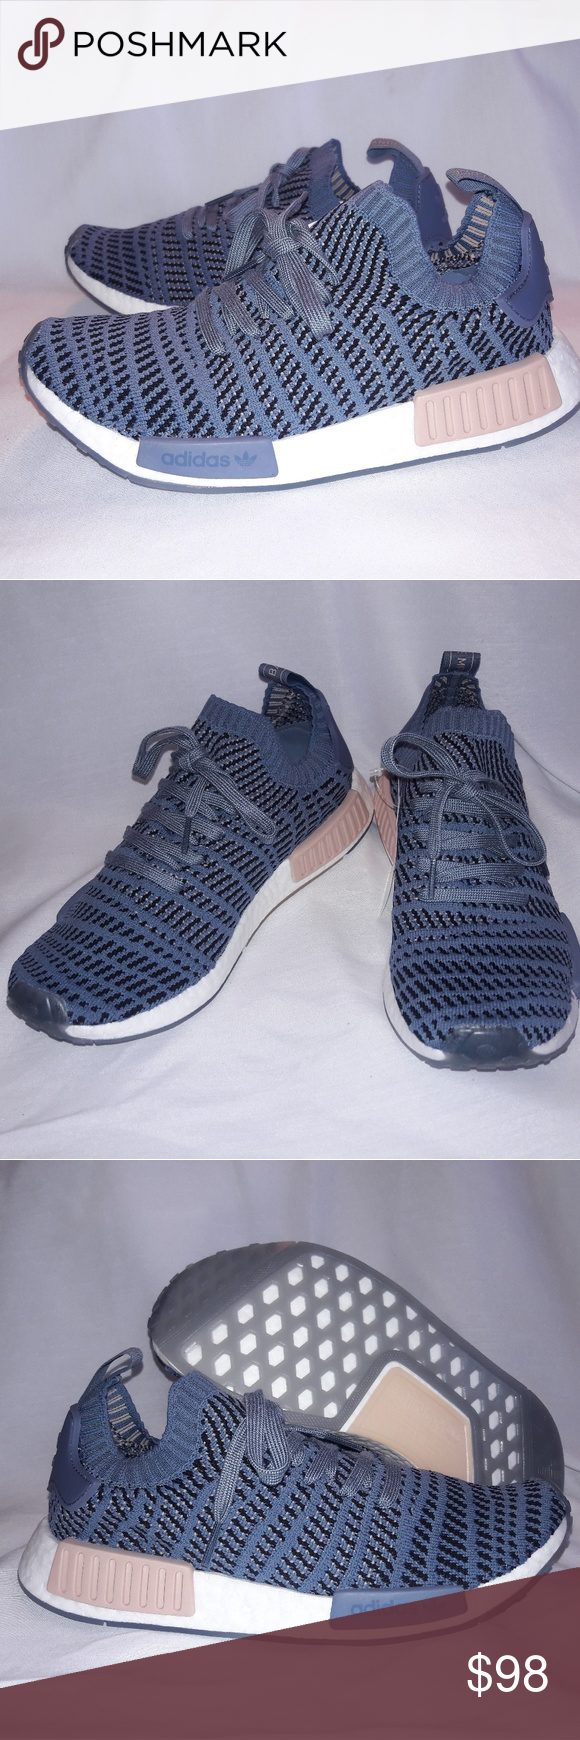 54ebd6adea7ef Womens Adidas Original NMD R1 STLT Primeknit Shoes Brand new with original  box. Women size 9